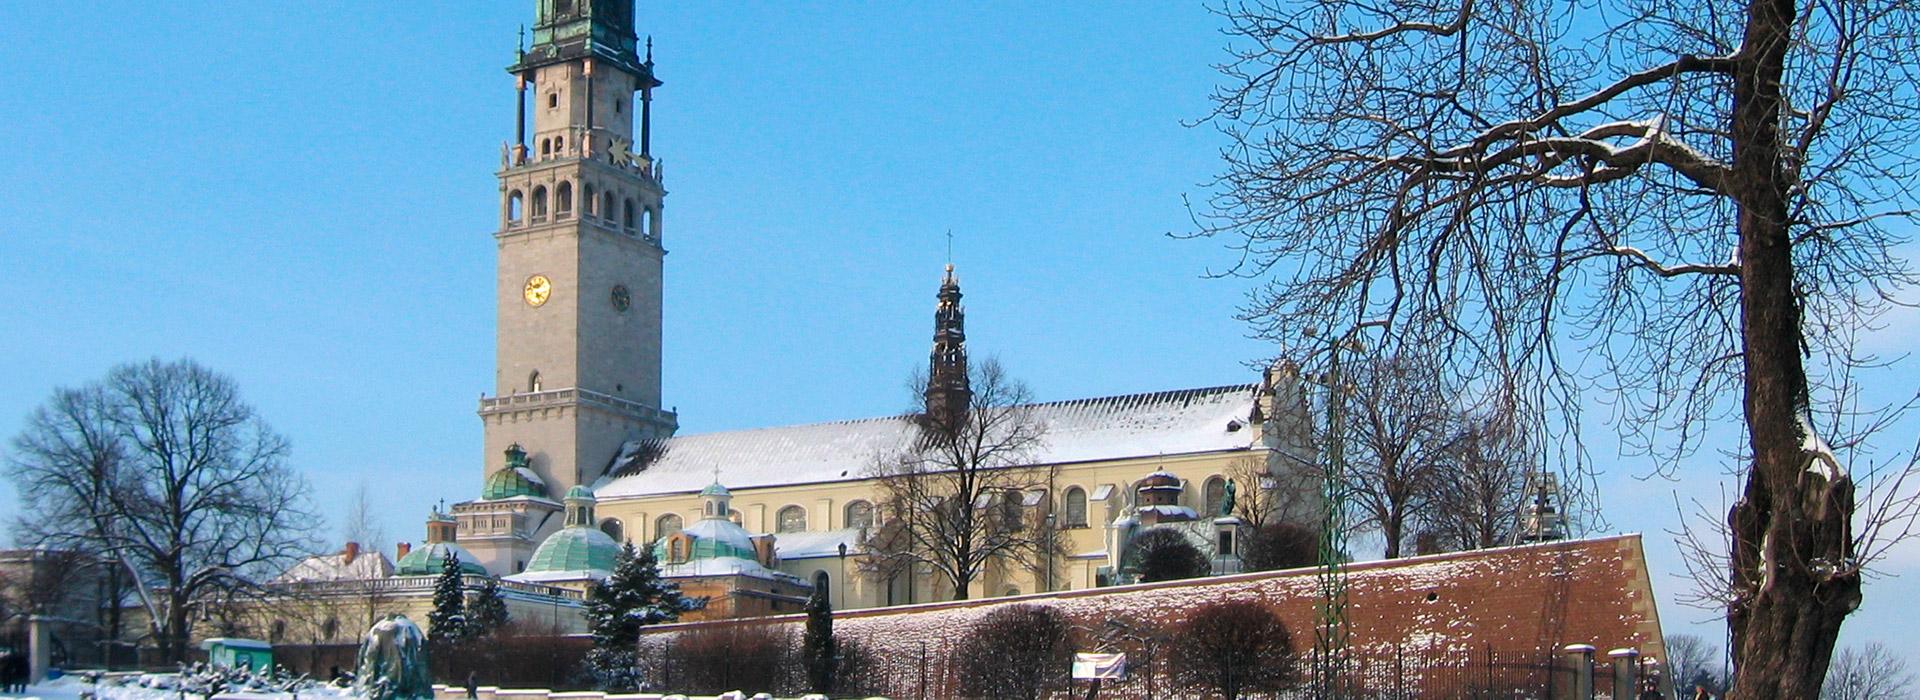 Jasna_Góra